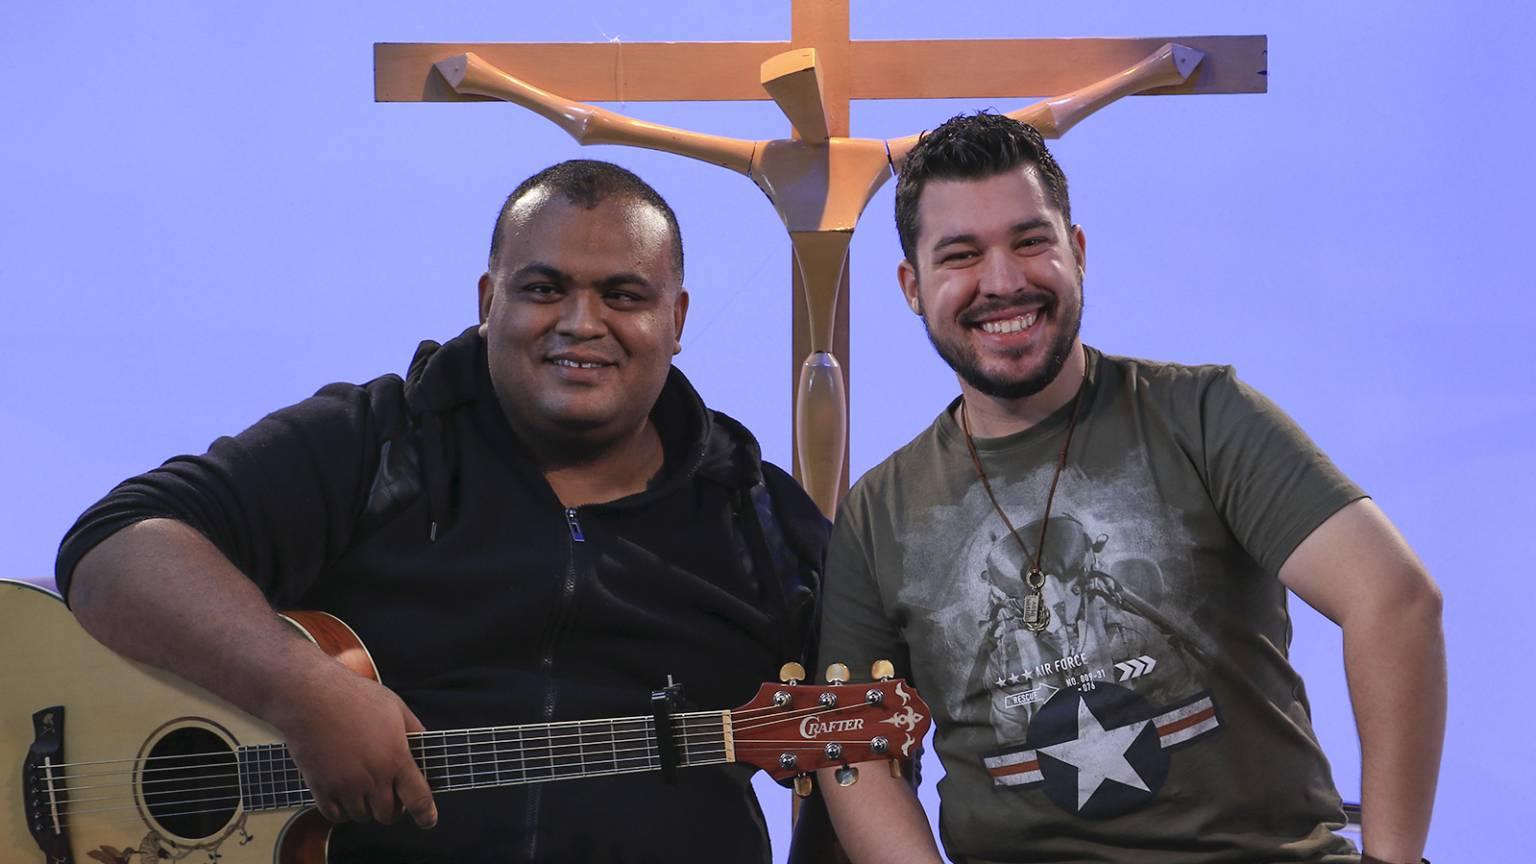 Melodia-para-o-Salmo-62-12º-Domingo-do-Tempo-Comum-1536x864.jpg